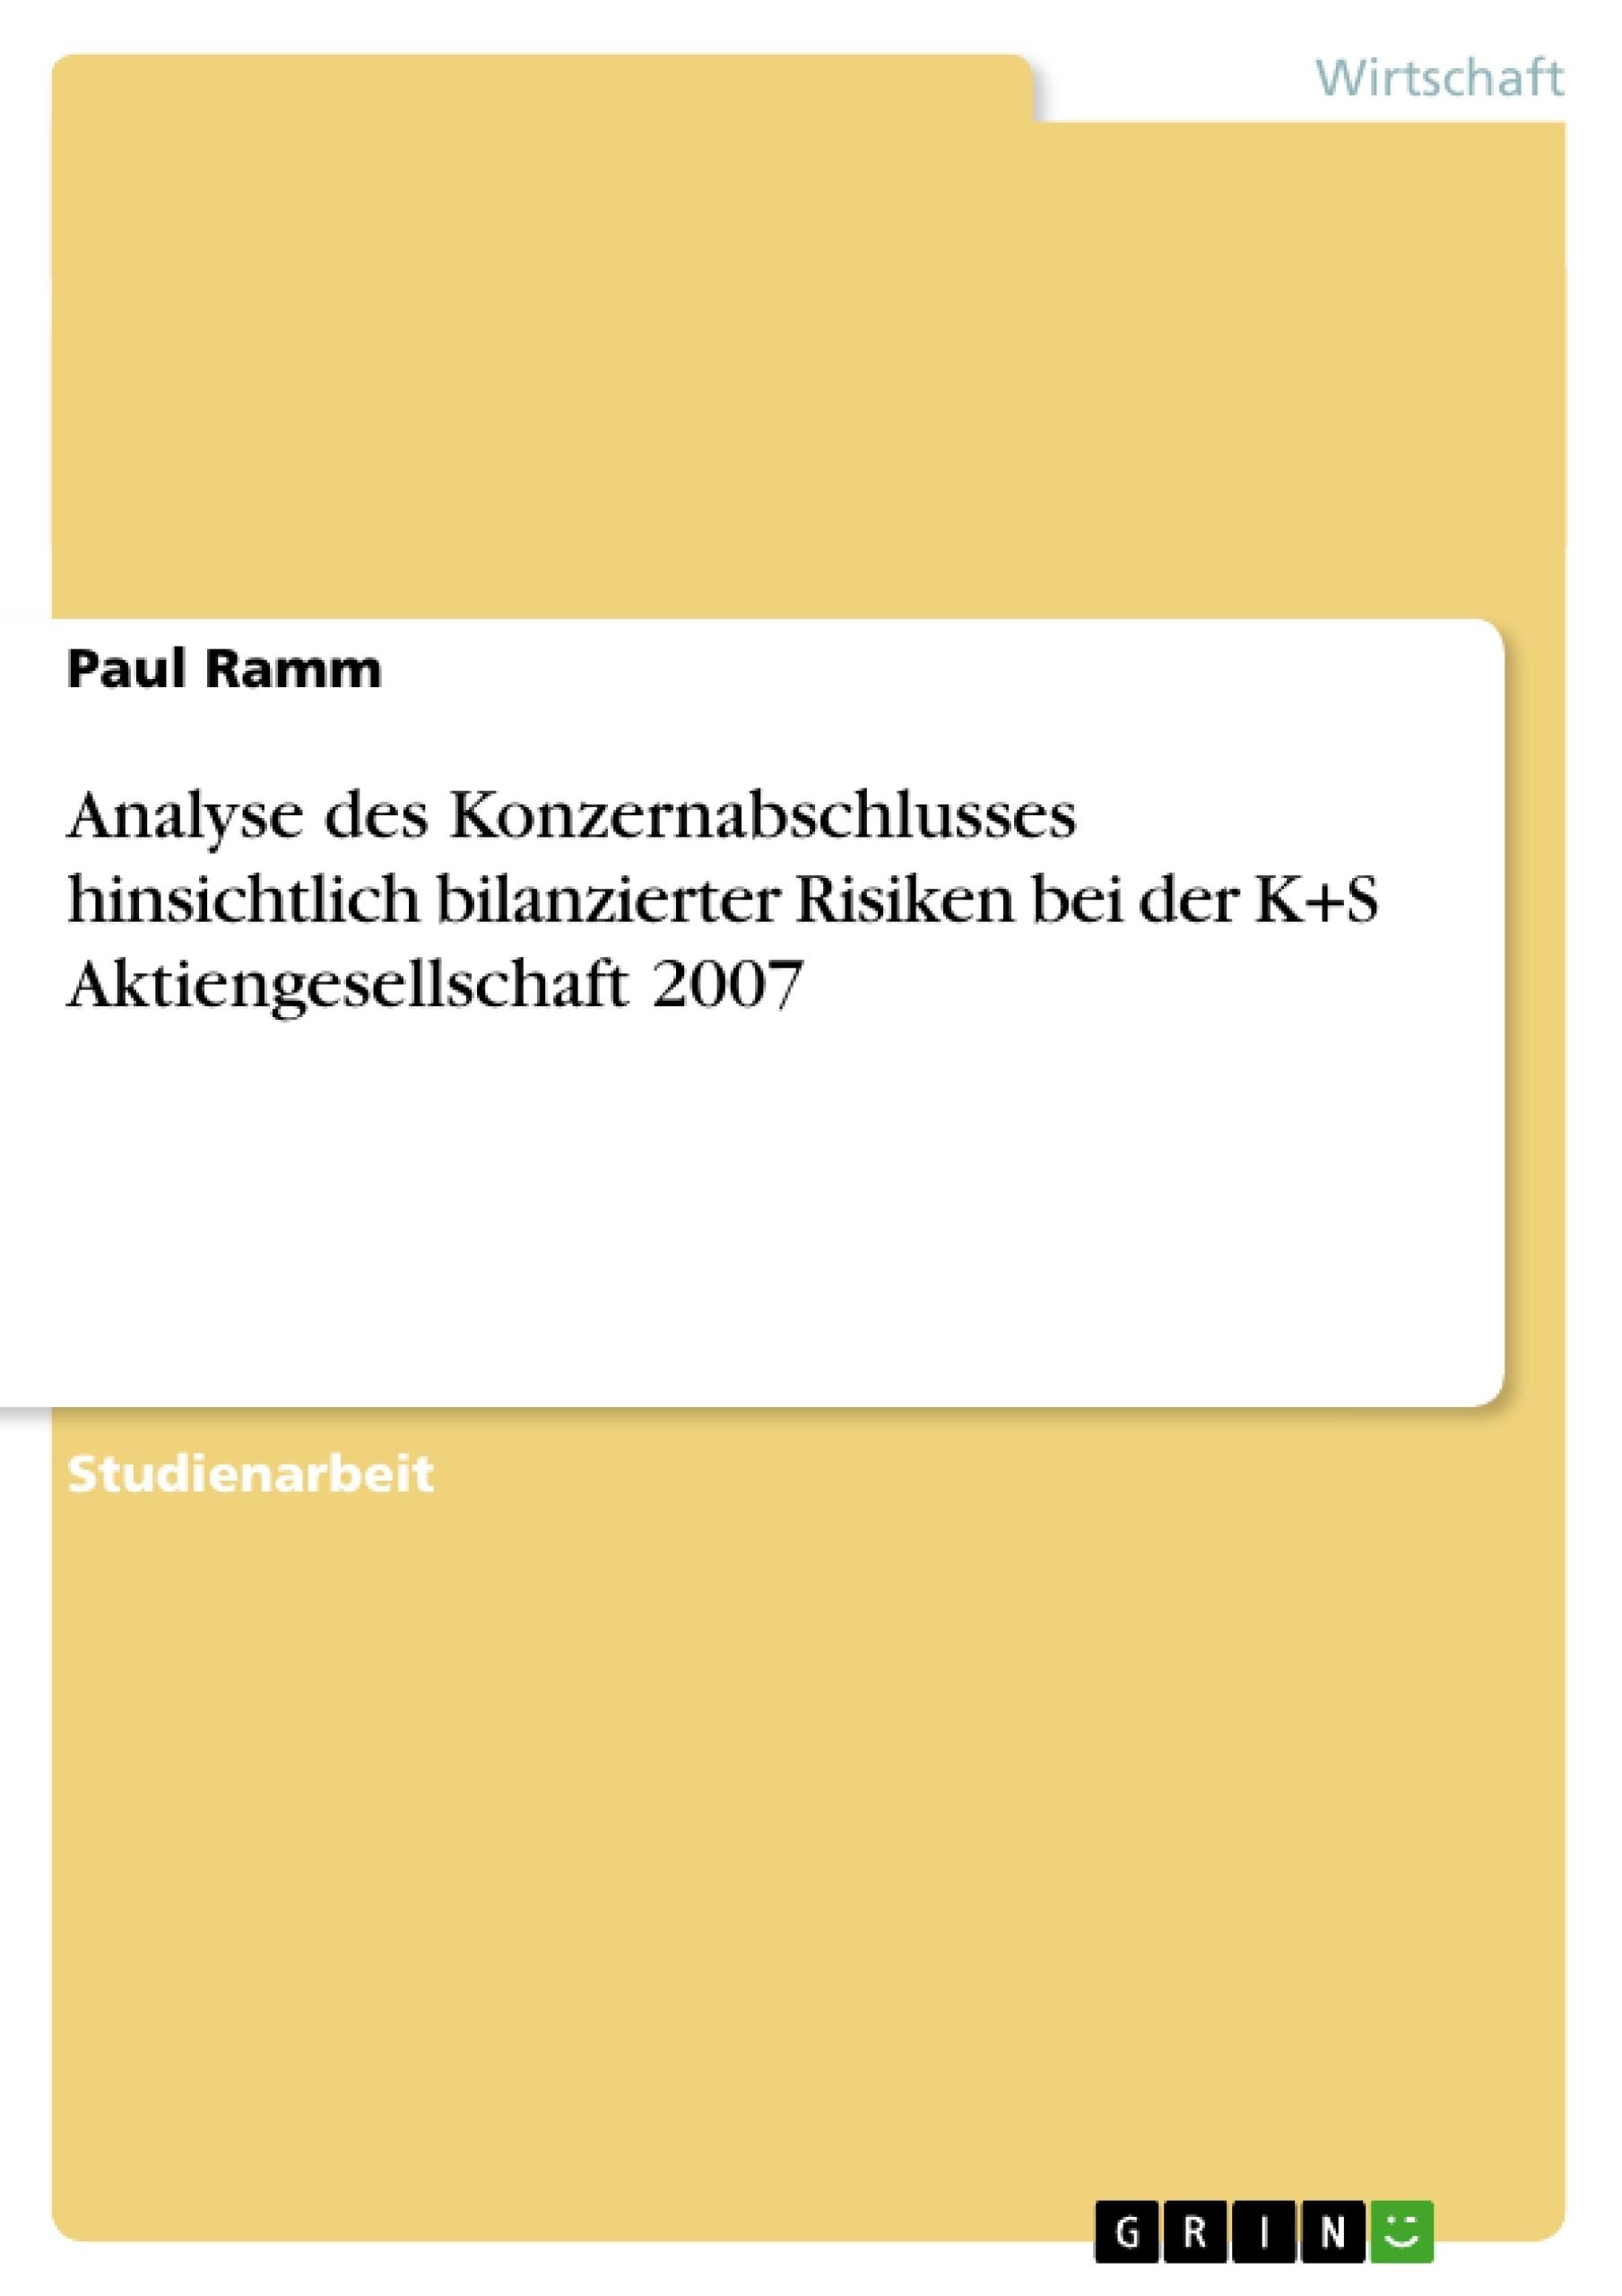 Titel: Analyse des Konzernabschlusses hinsichtlich bilanzierter Risiken bei der K+S Aktiengesellschaft 2007